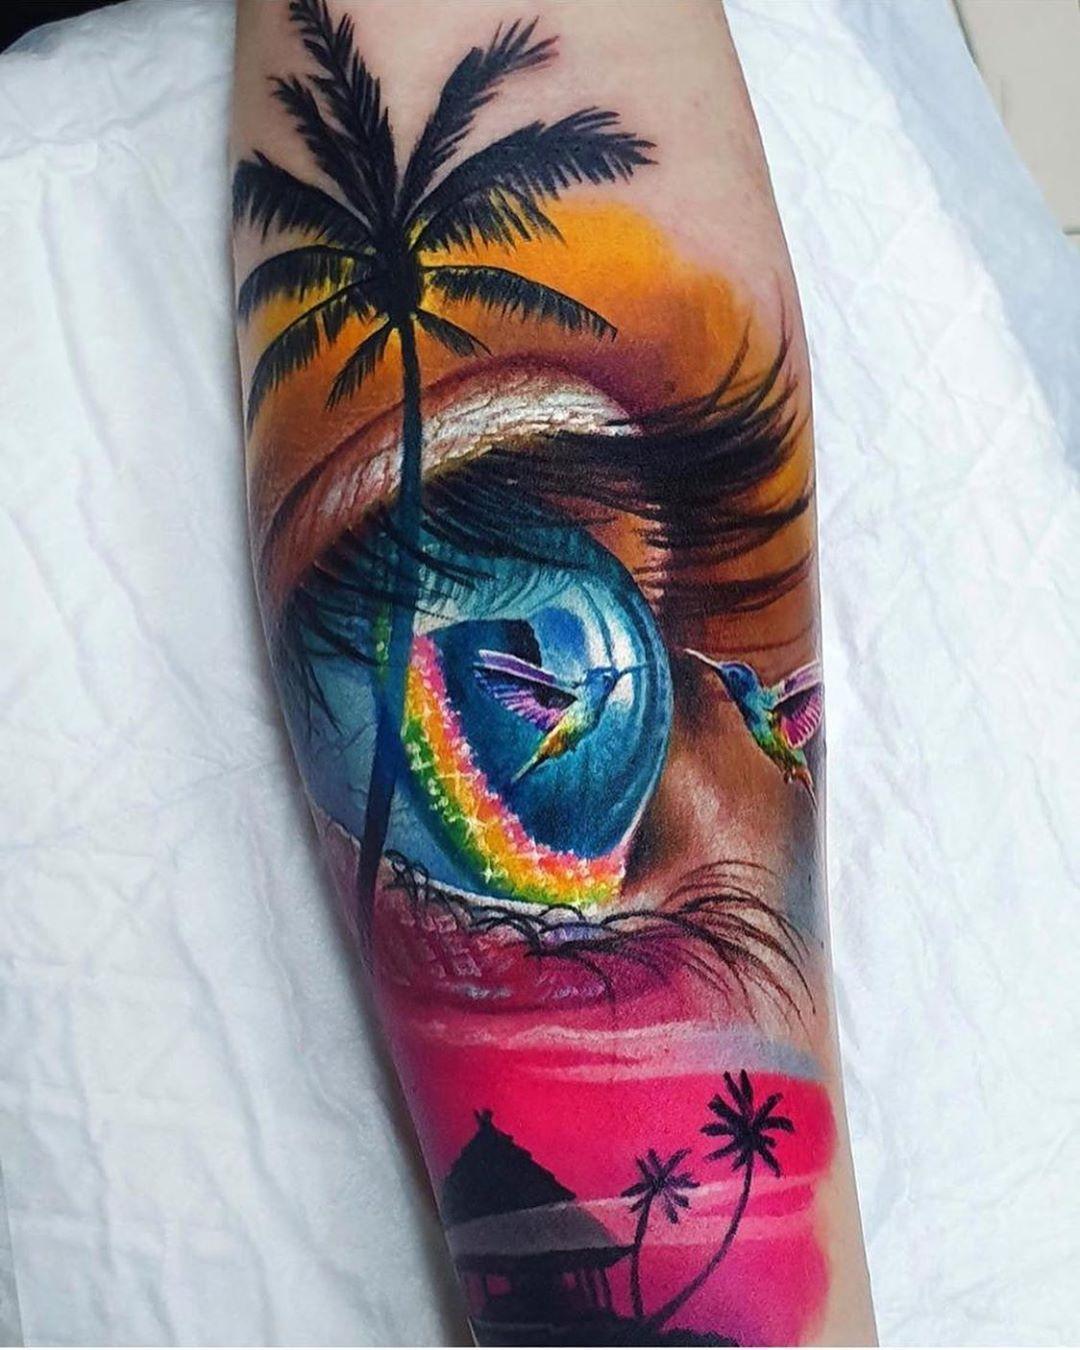 Tattoo artwork by Vasilii Suvorov